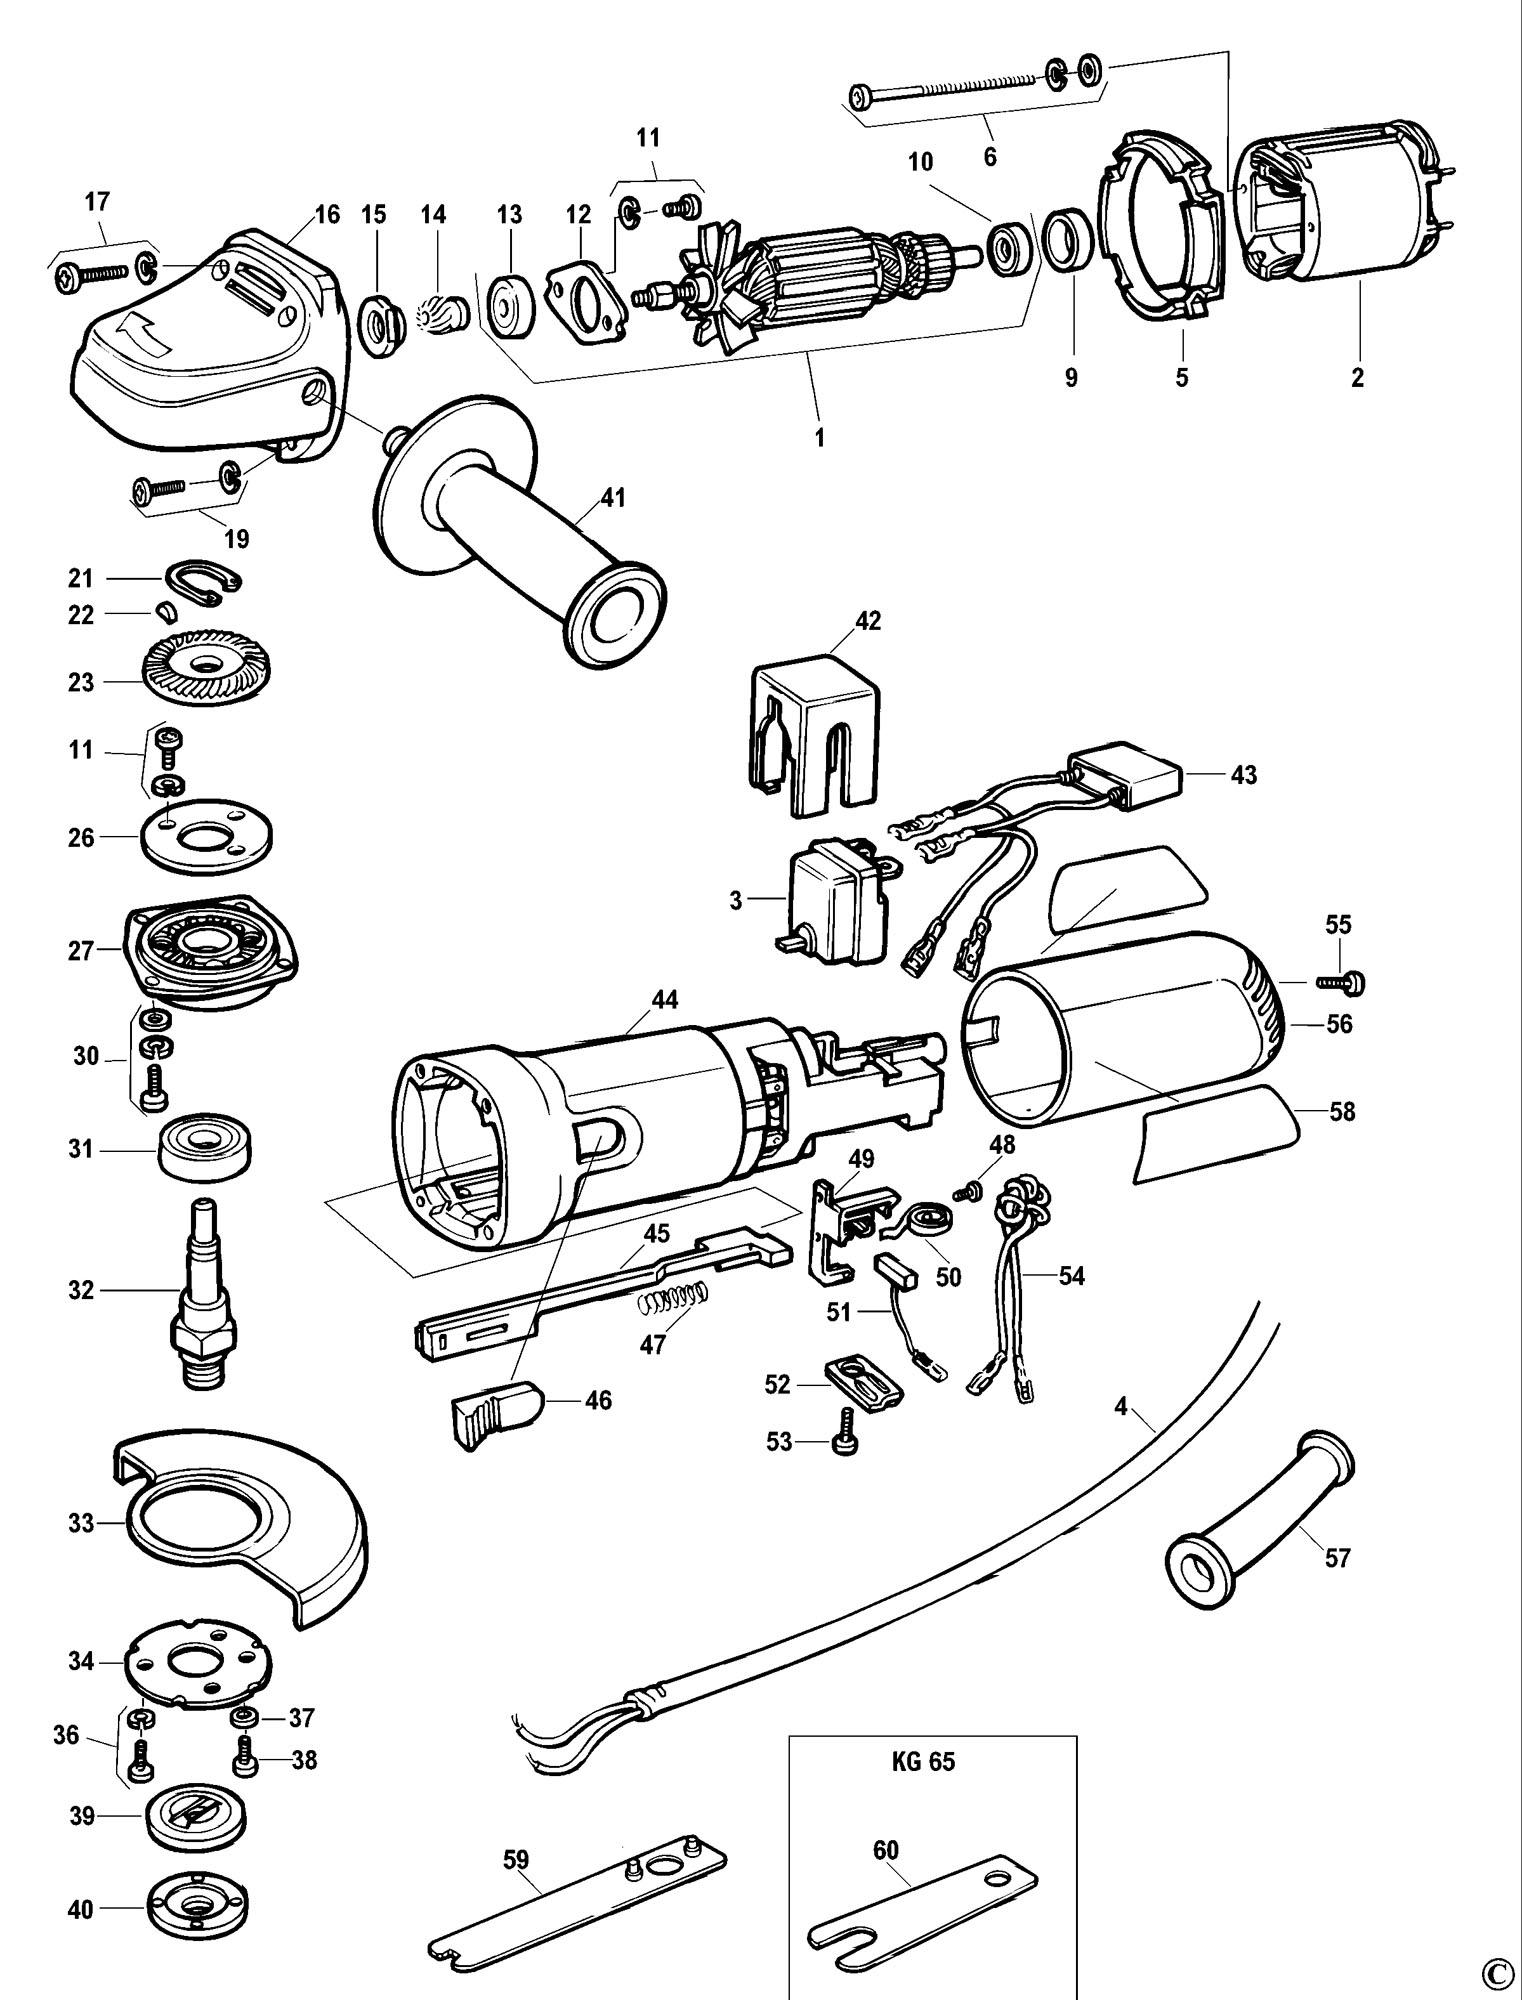 Spares for Black & Decker Kg72 Angle Grinder (type 1